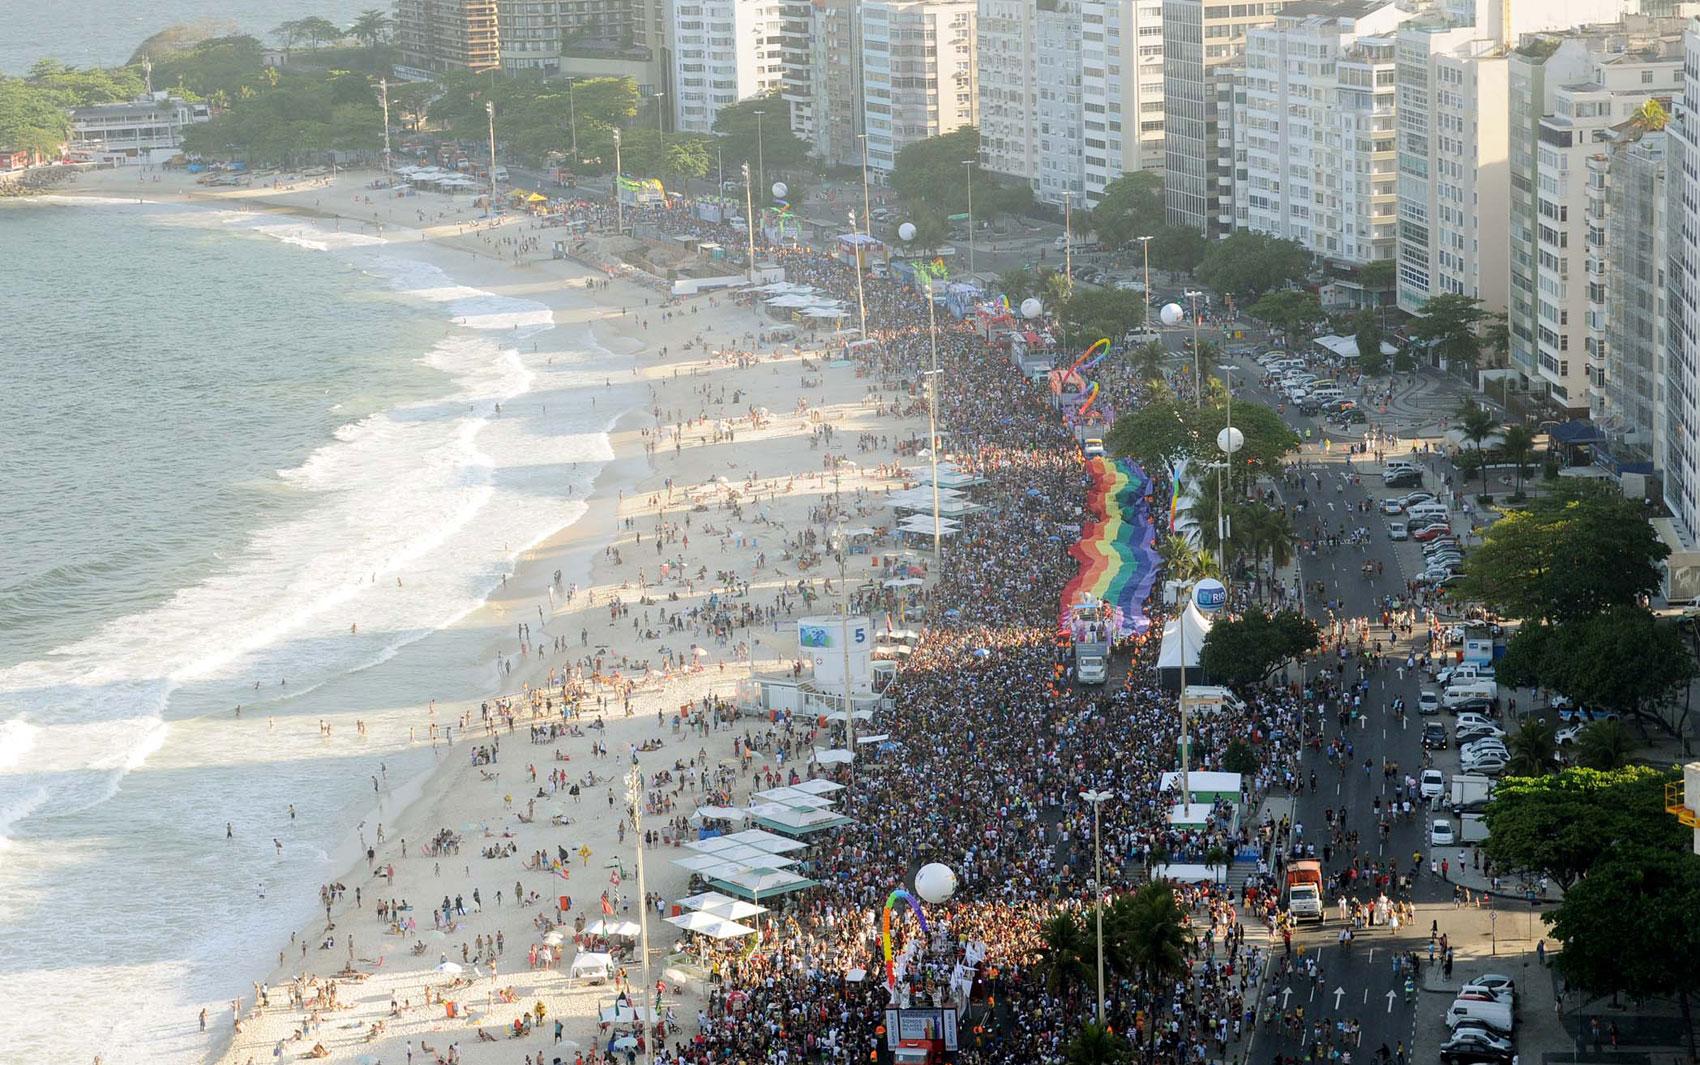 Vista do alto mostra a multidão em Copacabana durante a Parada Gay 2013